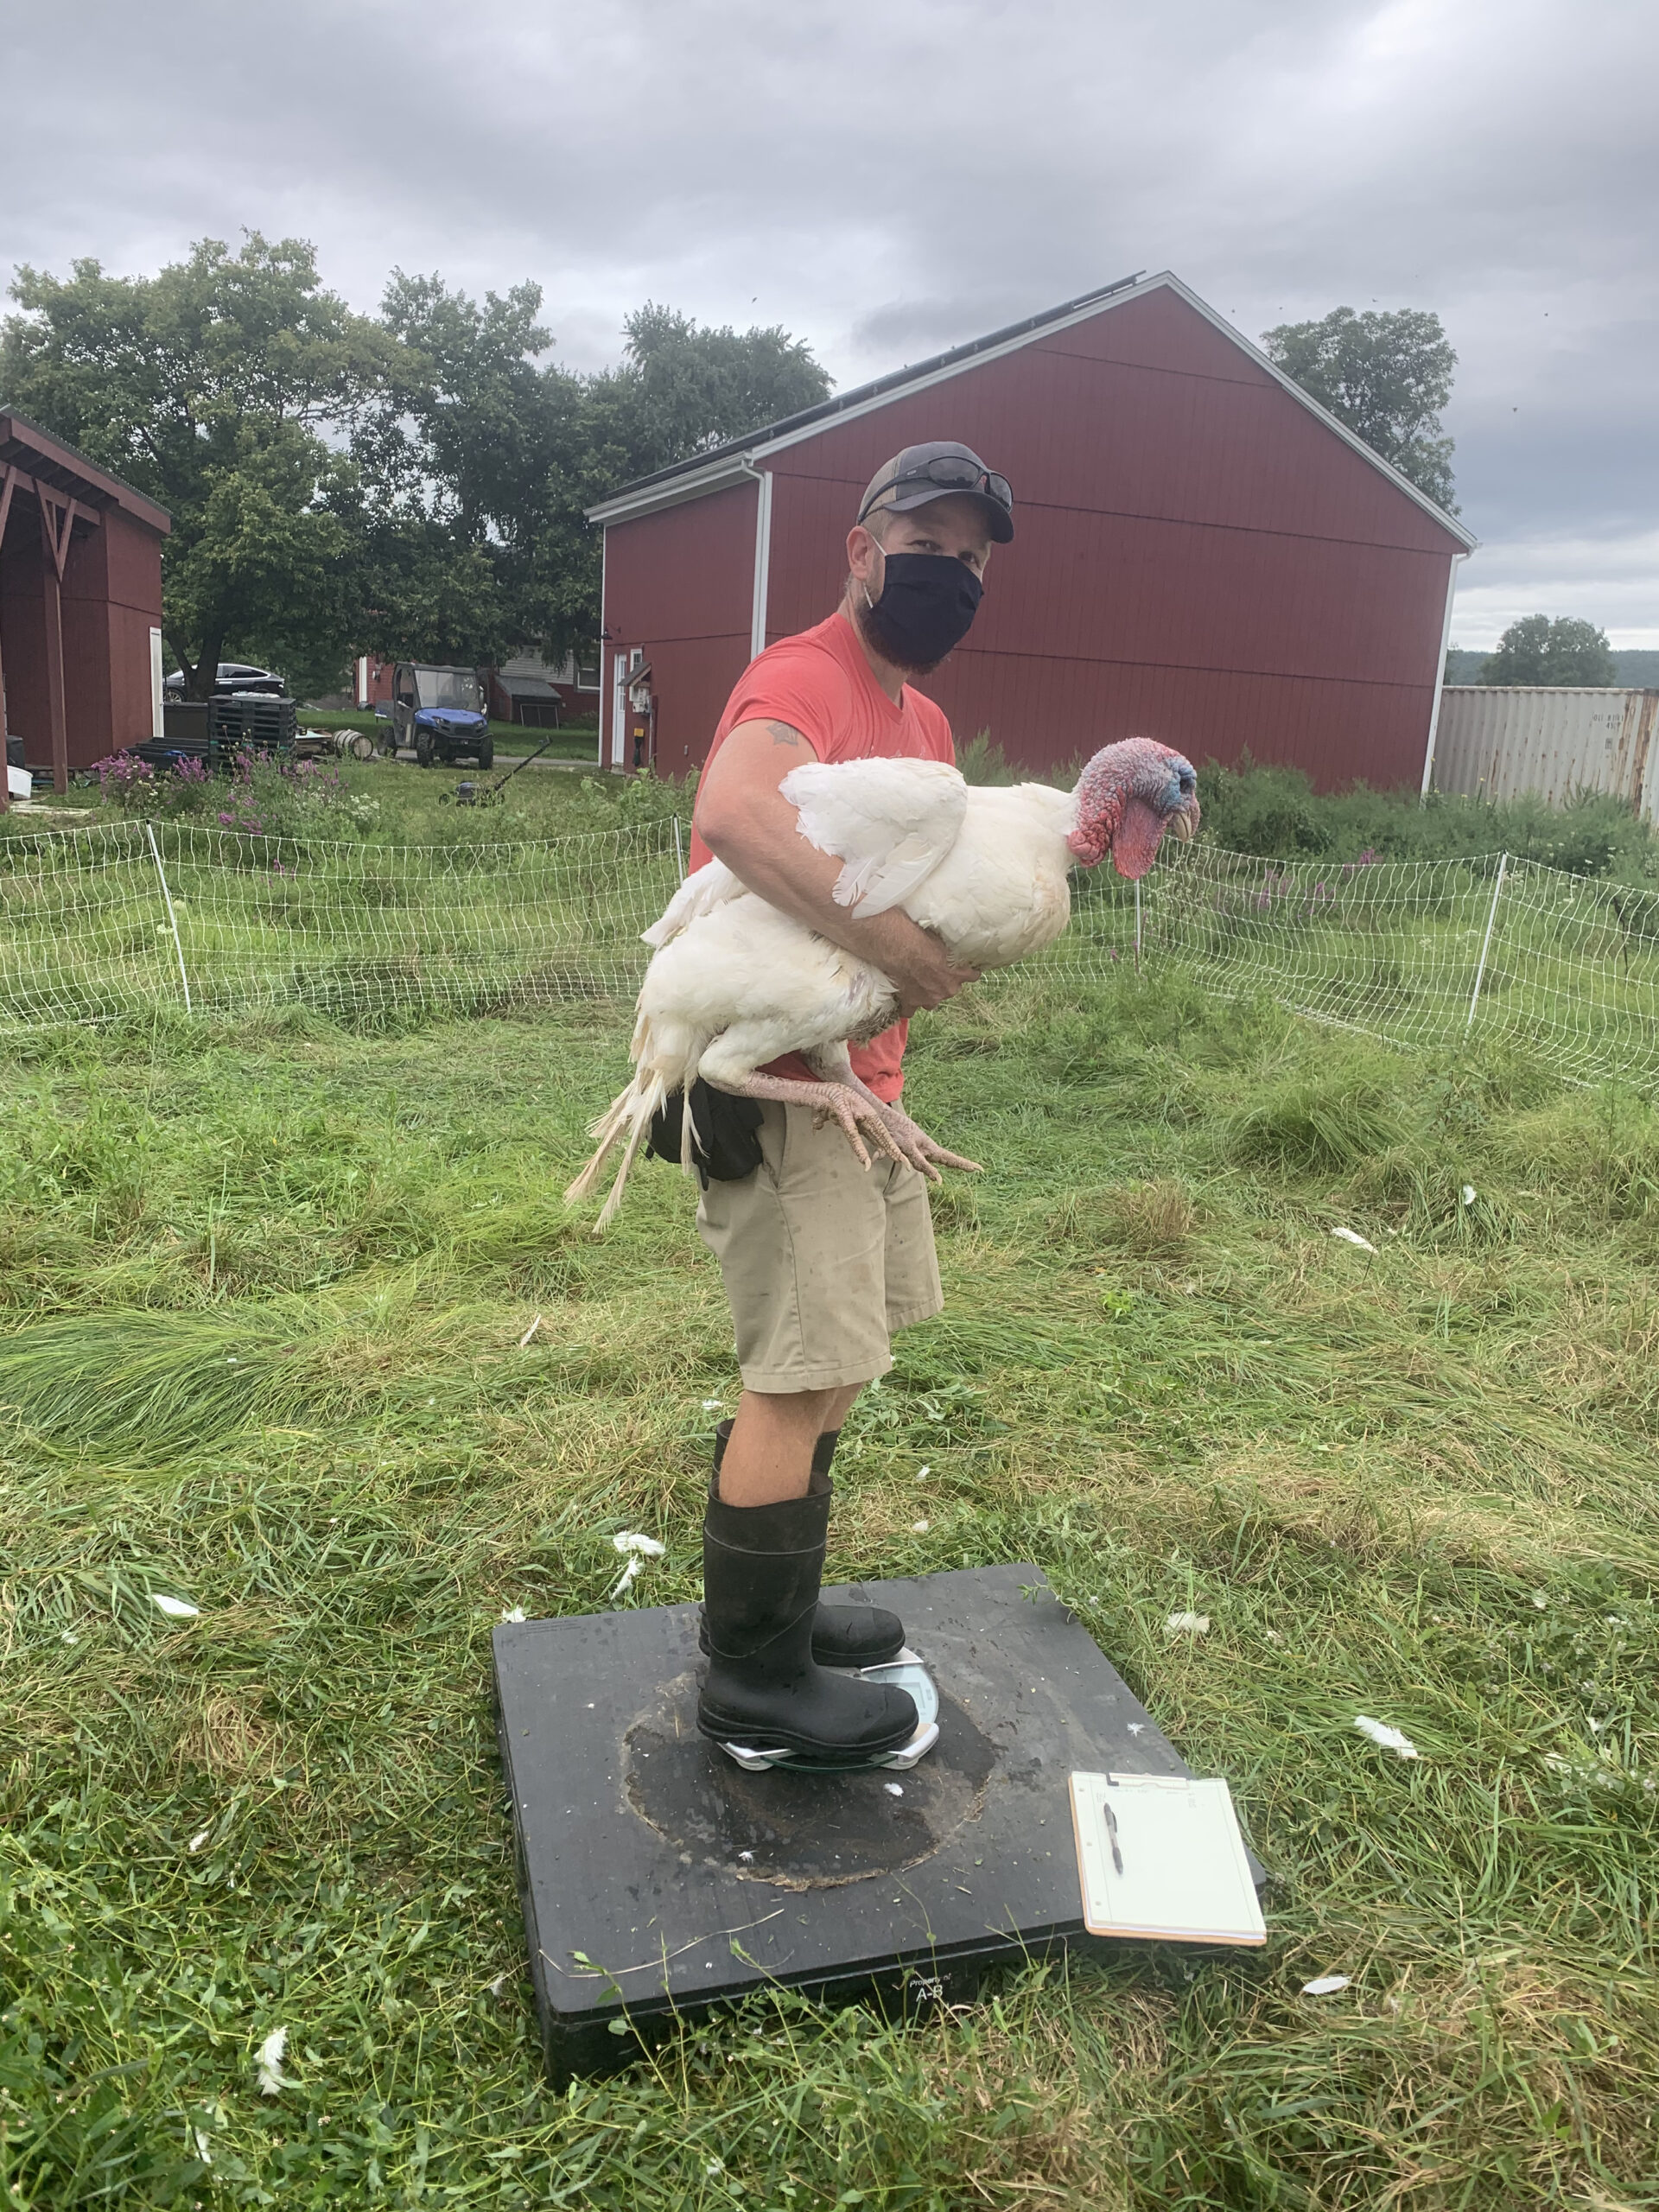 watering the turkeys